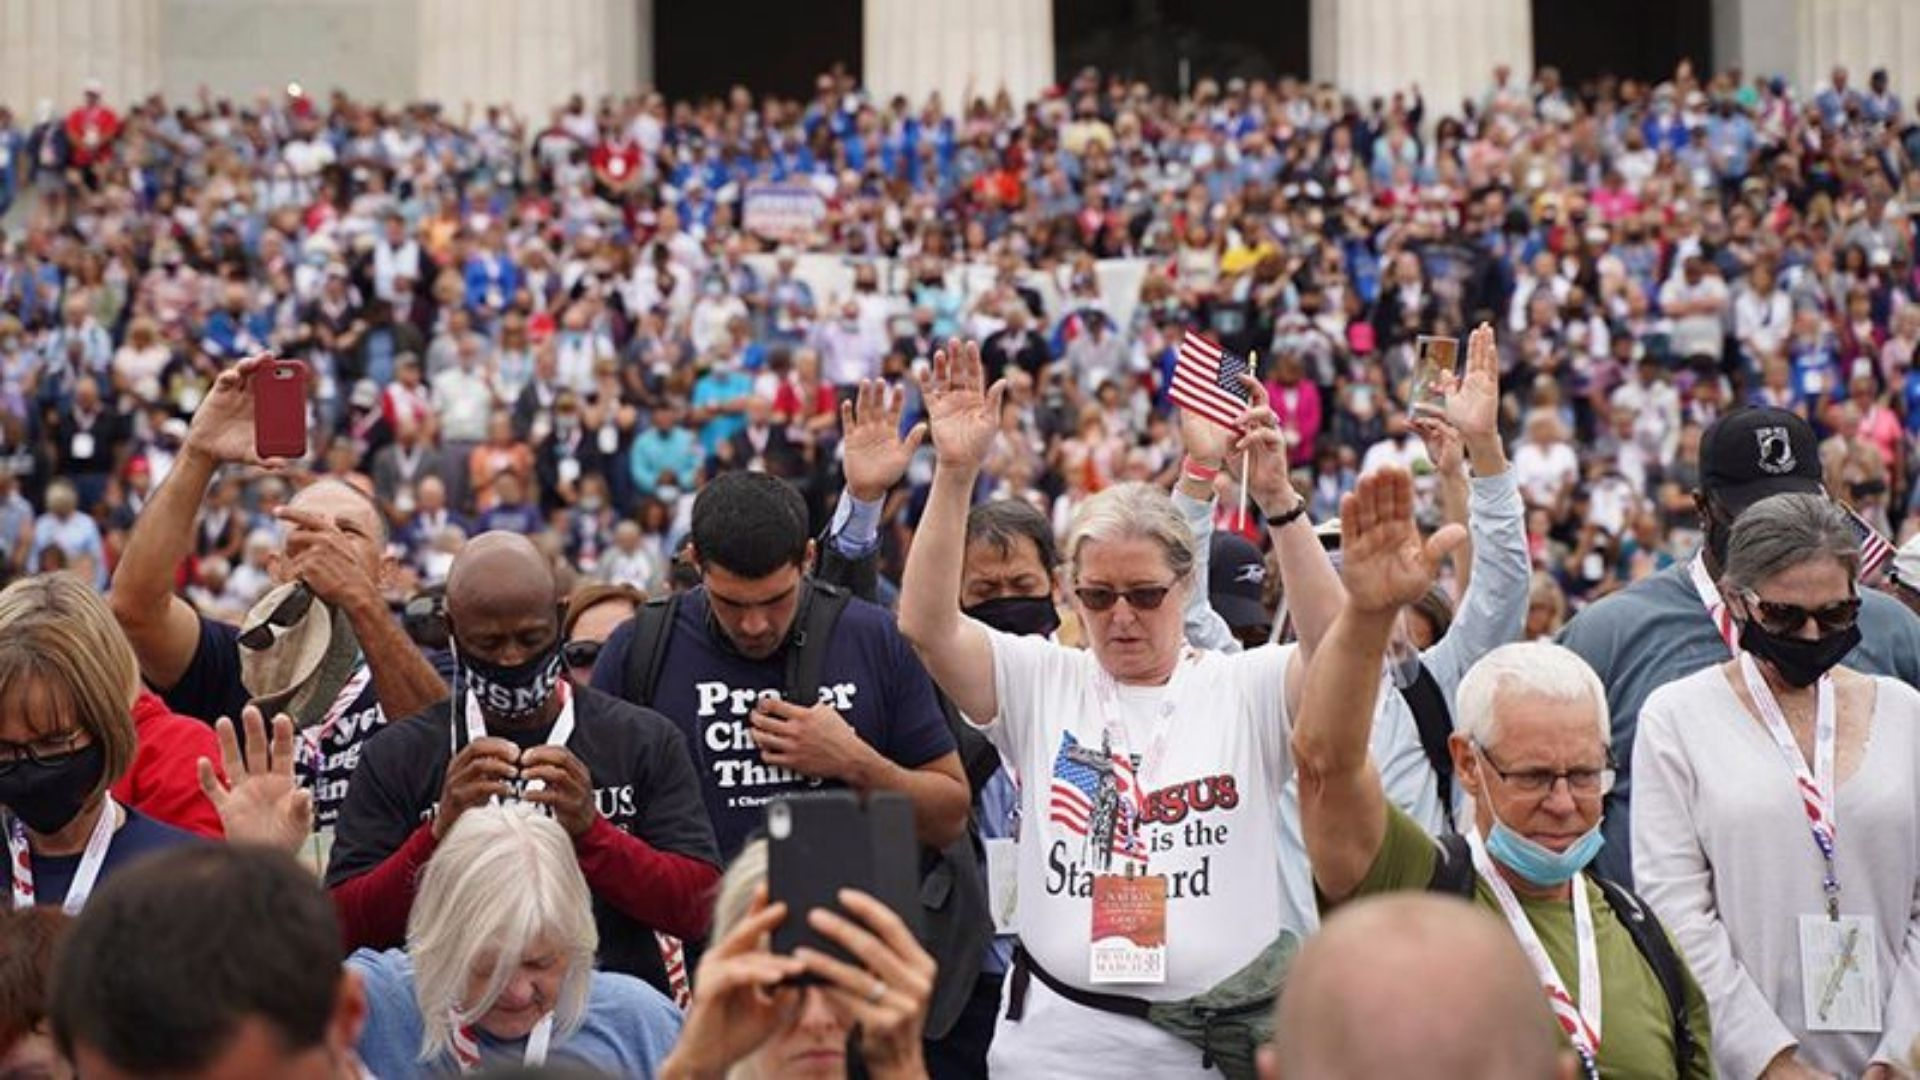 Milhares de cristãos vão às ruas no centro dos EUA para clamar por avivamento